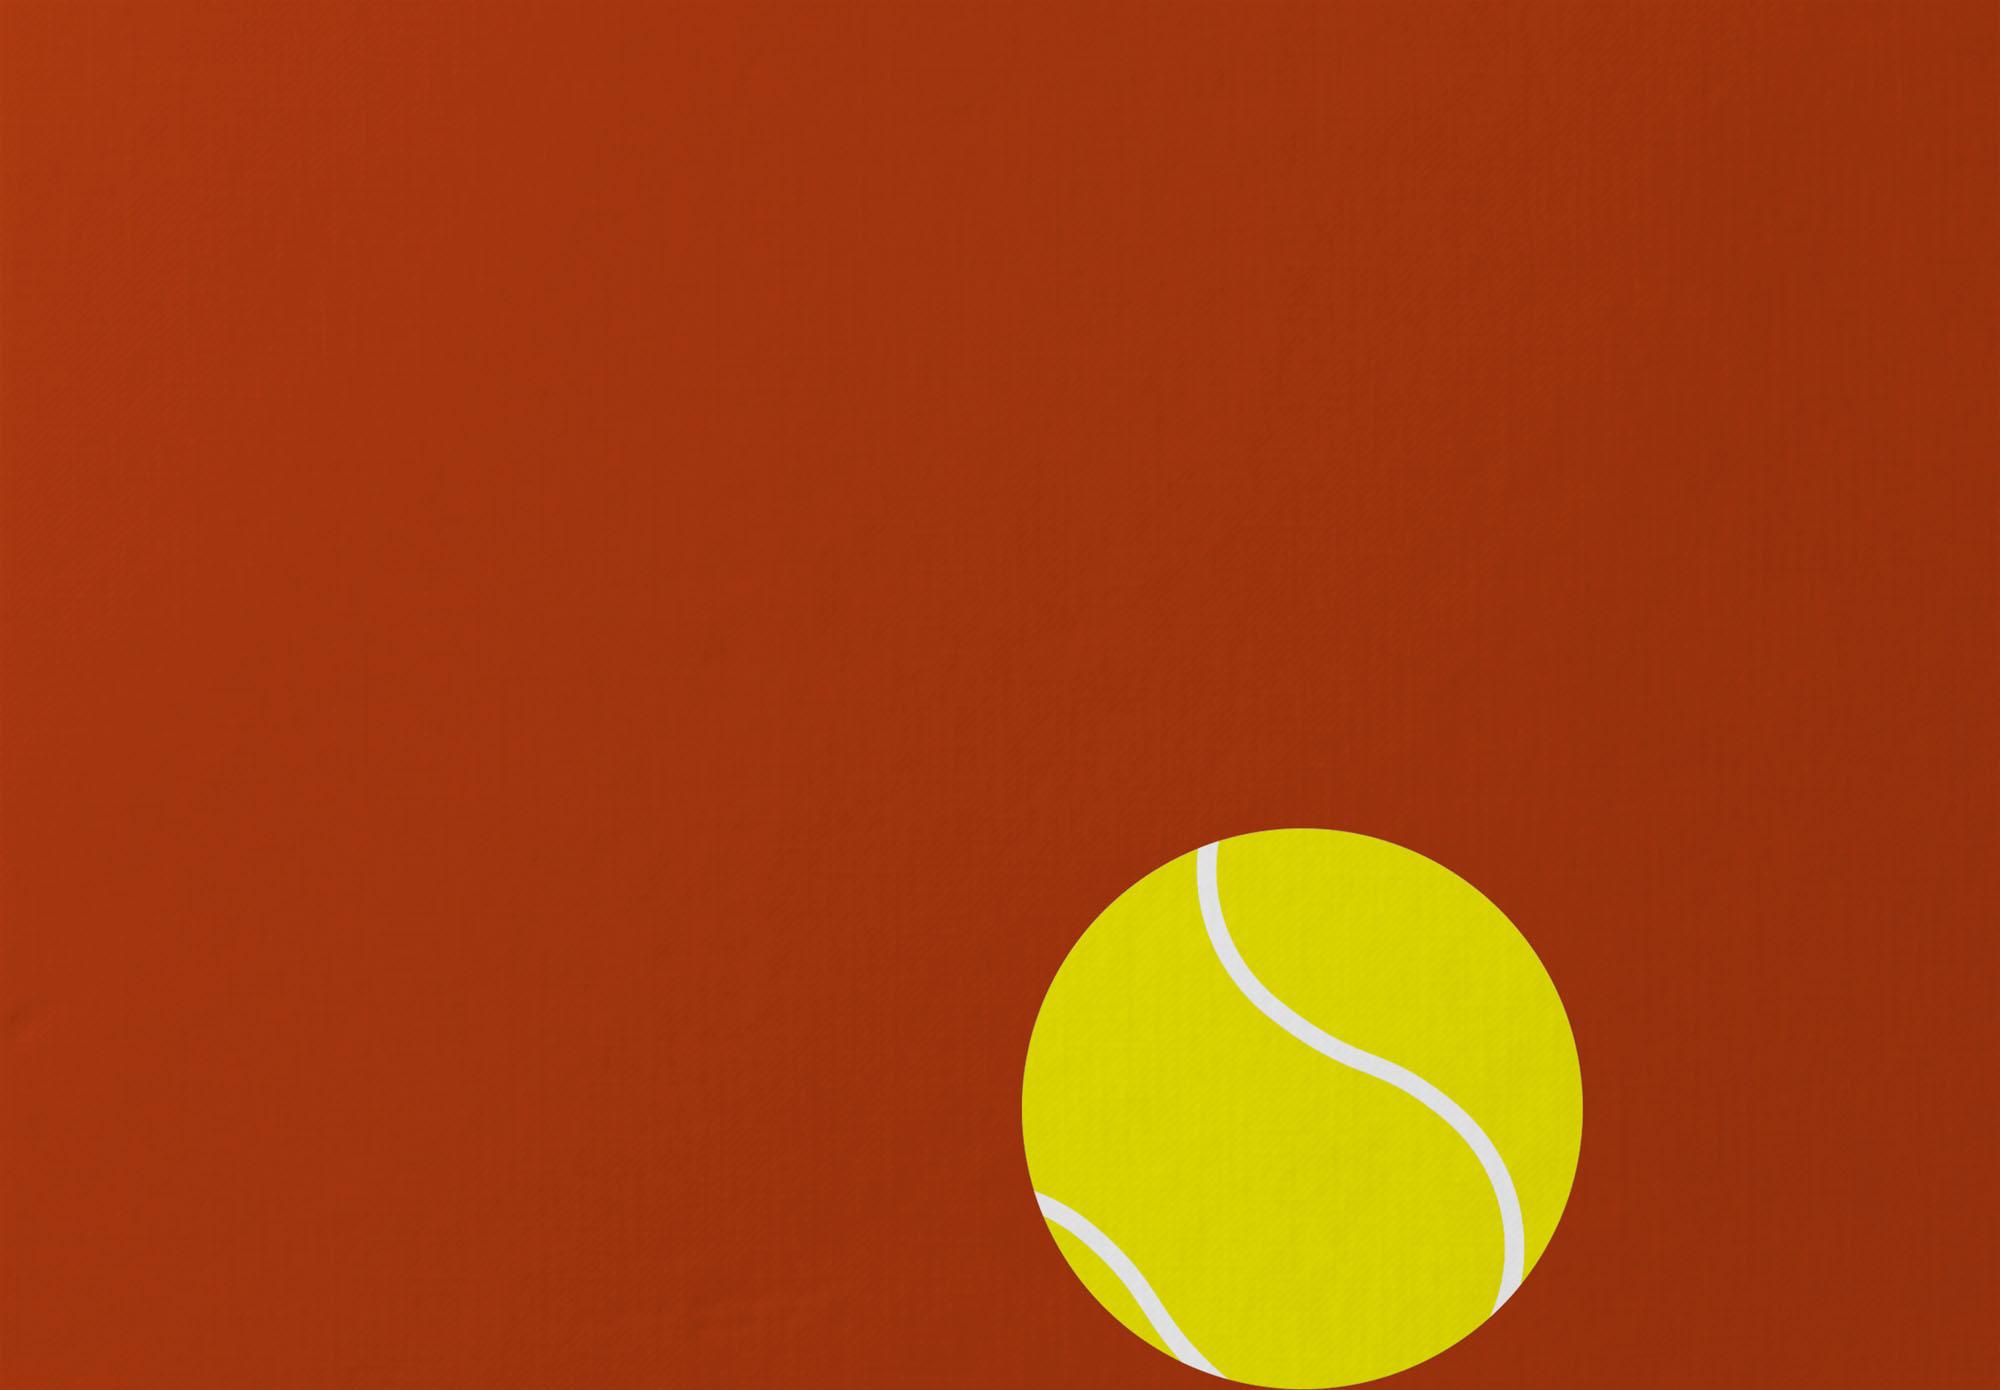 Vinci Construction - appel d'offre Roland Garros